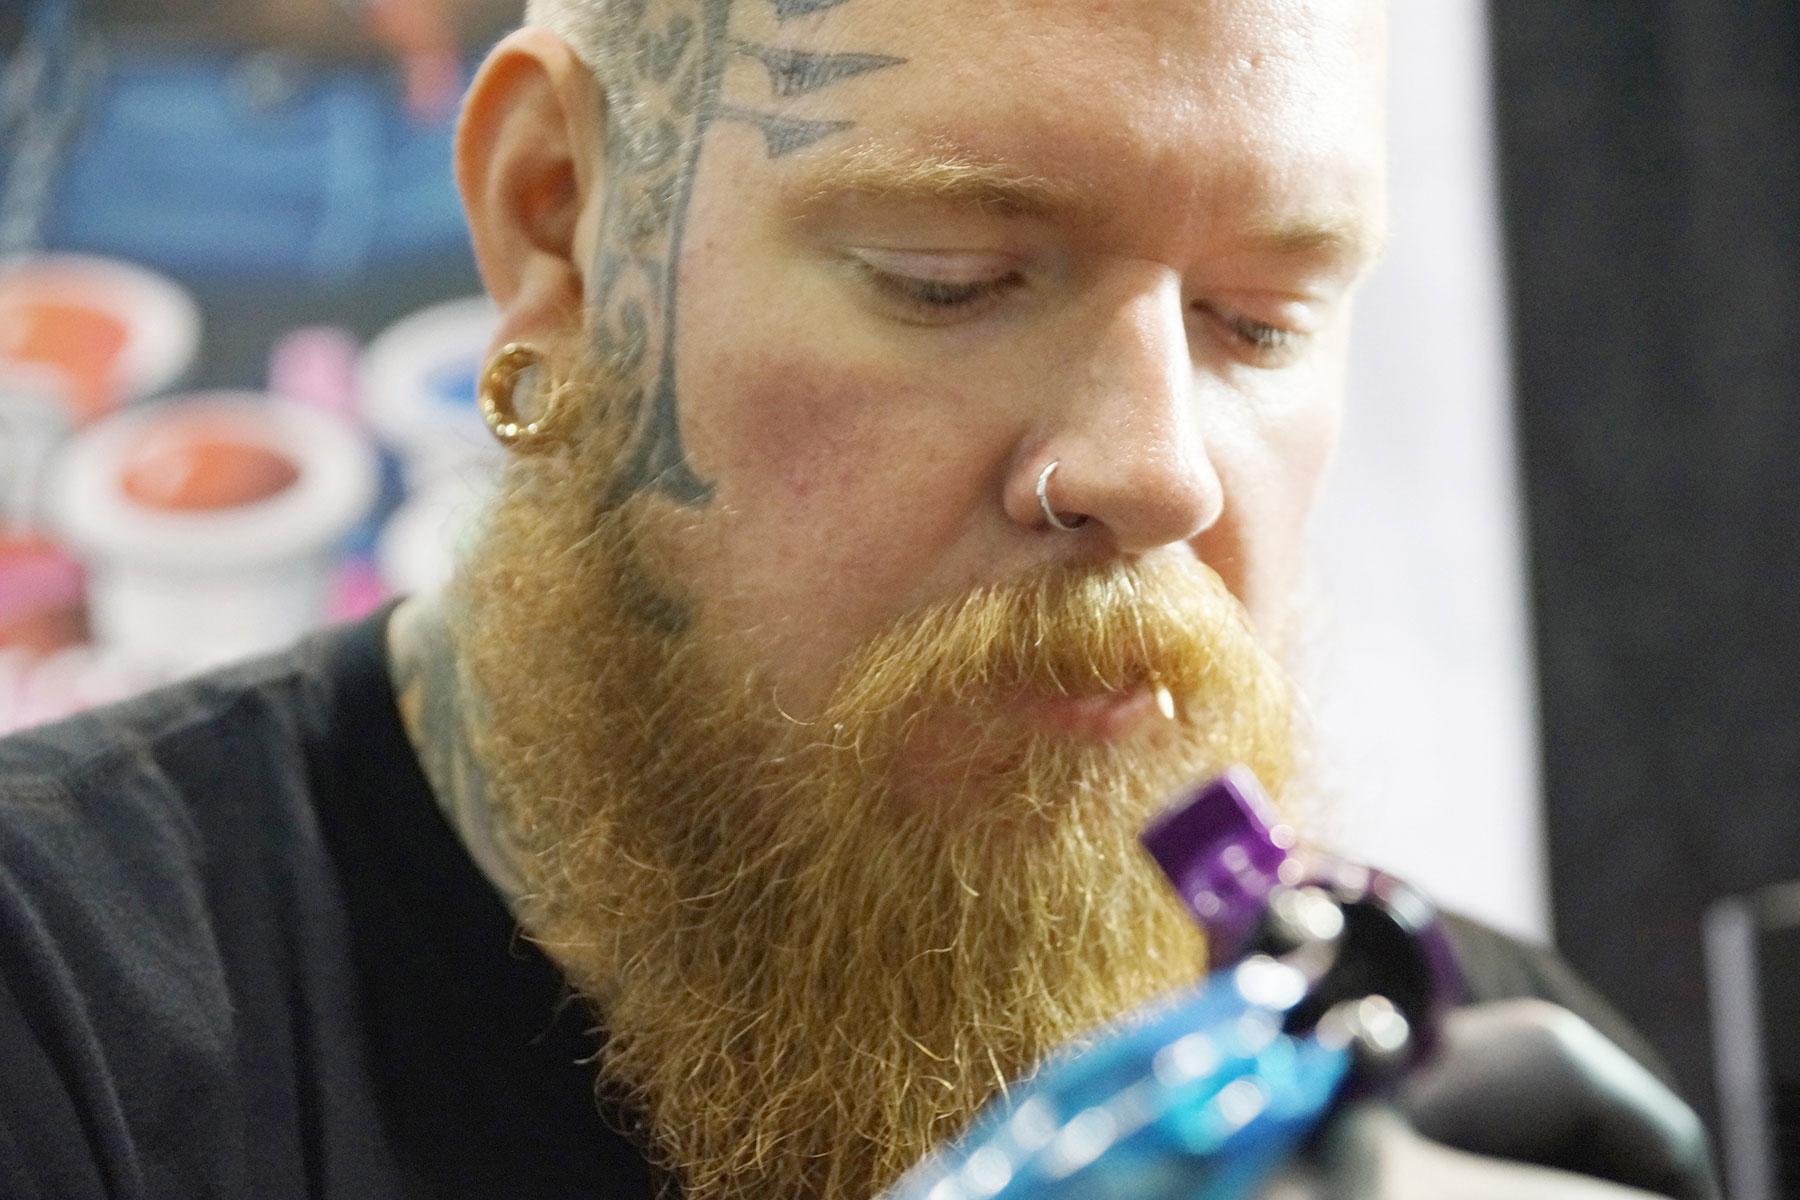 091517_tattooarts_0741